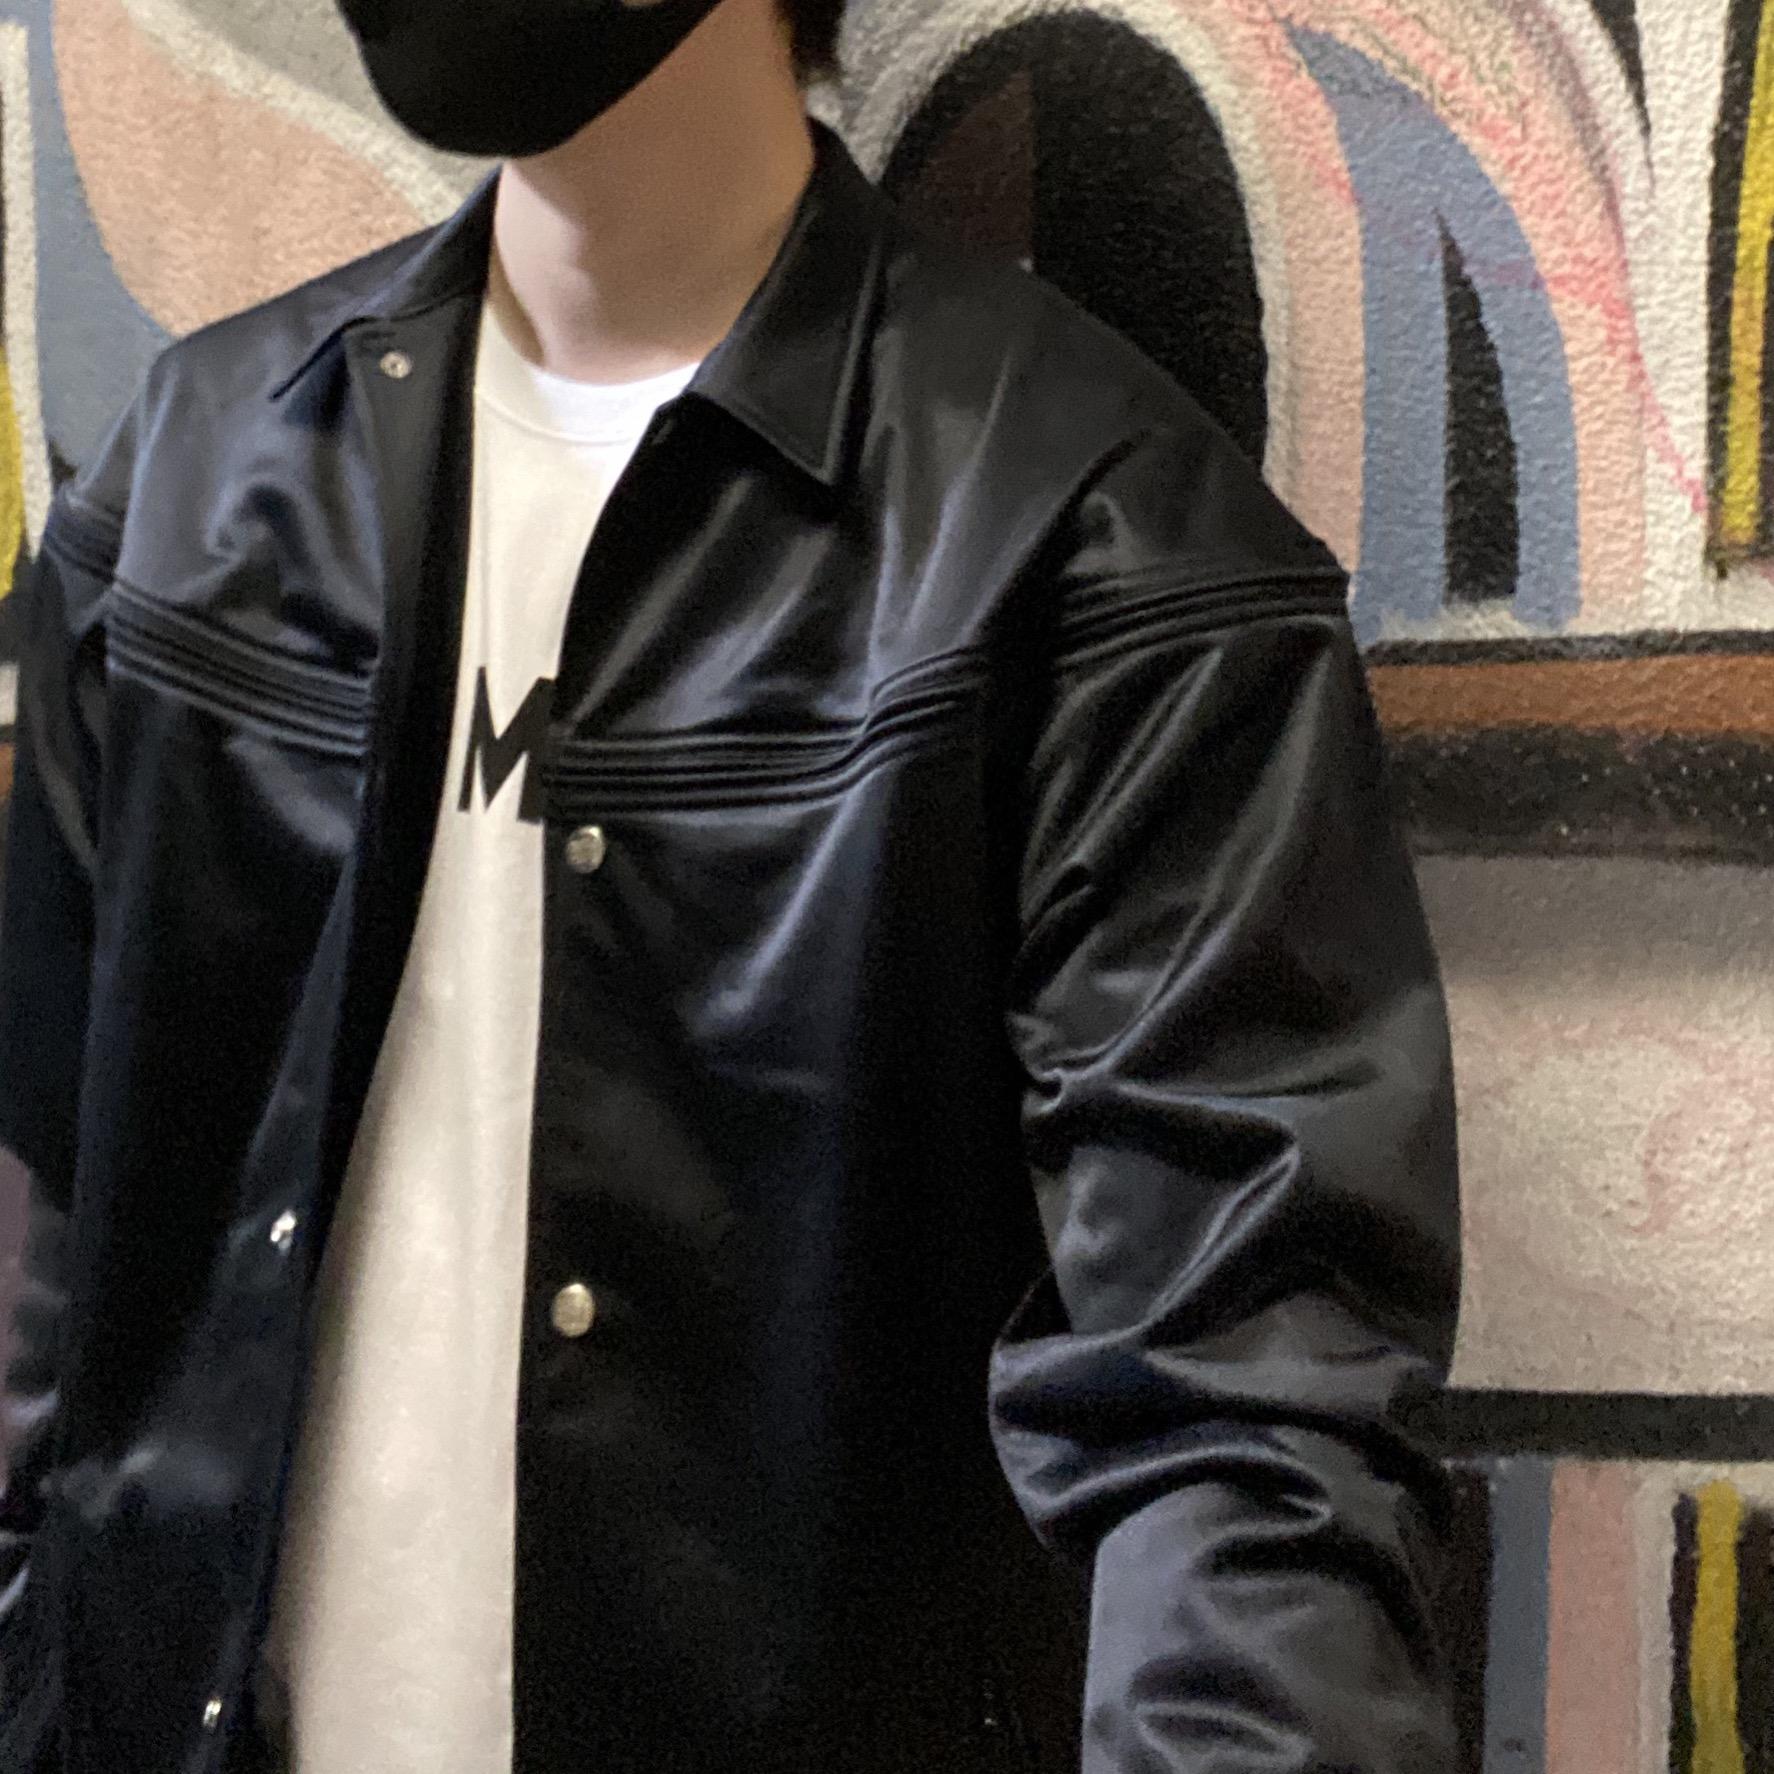 【melple】アウトロー達が憧れたジャケット。